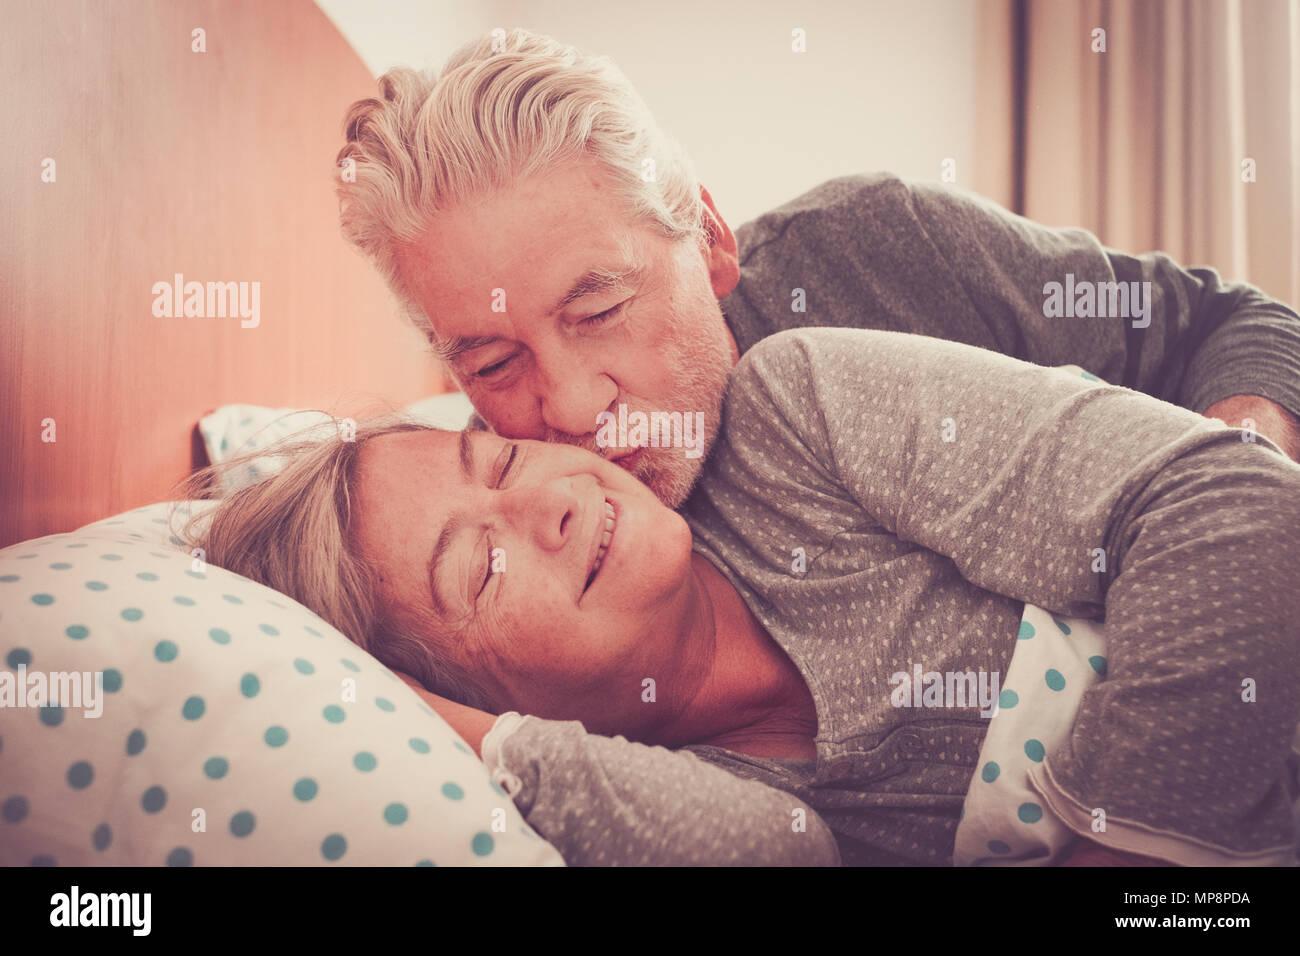 Couple de hauts l'homme et la femme se réveiller et souriant avec une accolade alors que sont dans le lit à la maison. Filtre vintage et de la lumière dans le dos. Le baiser de l'homme w Banque D'Images